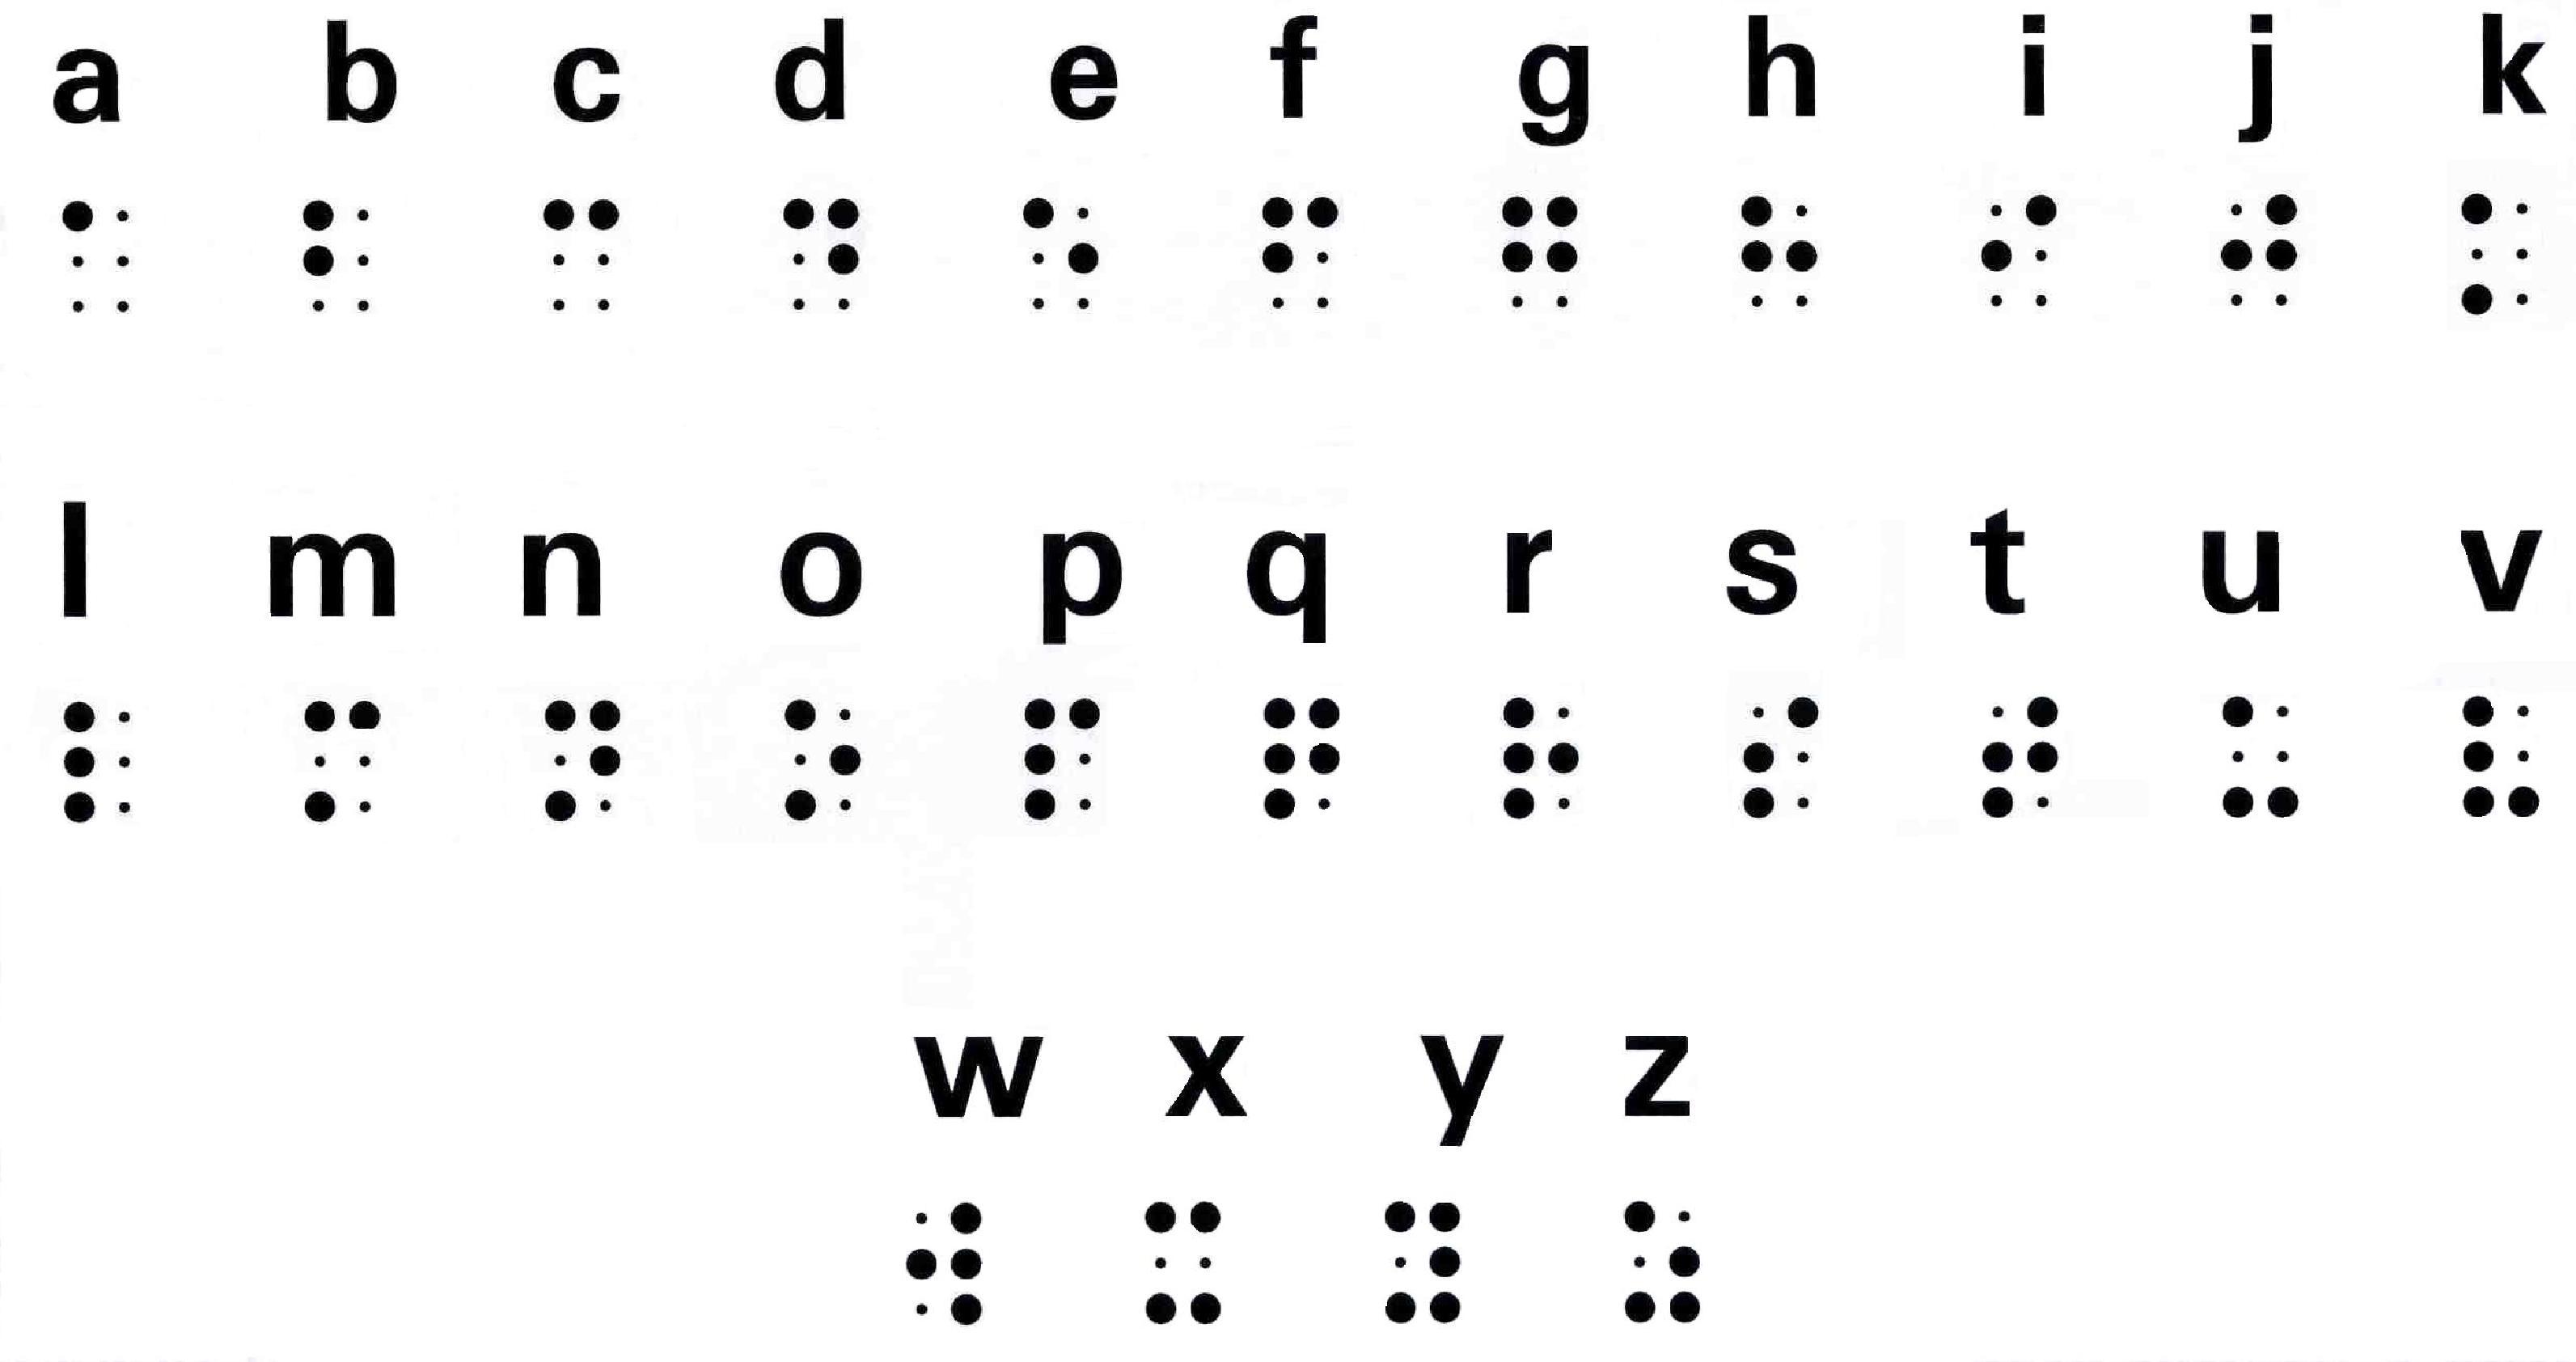 braillecc